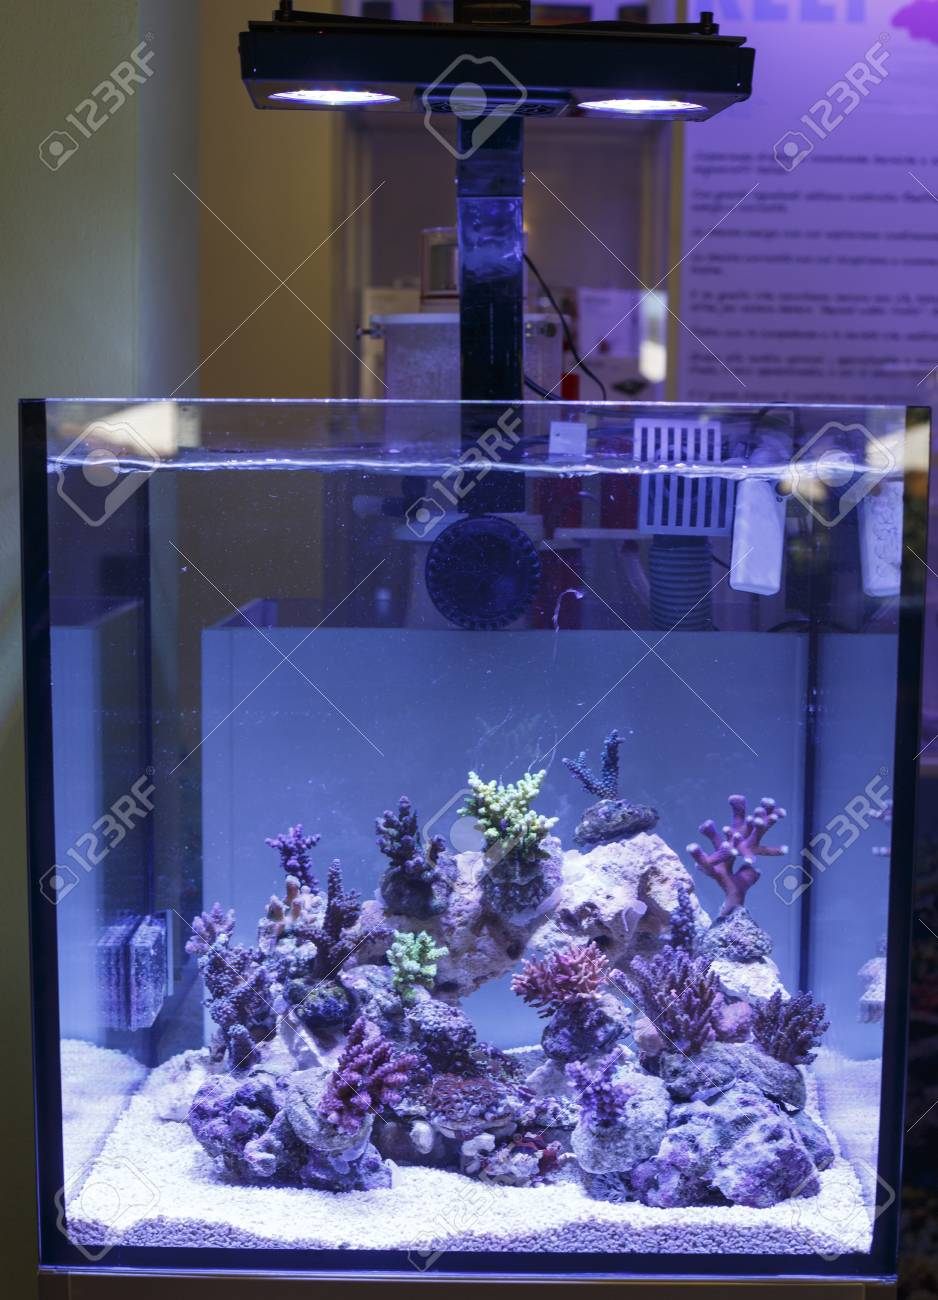 A marine aquarium with corals Stock Photo - 20725581